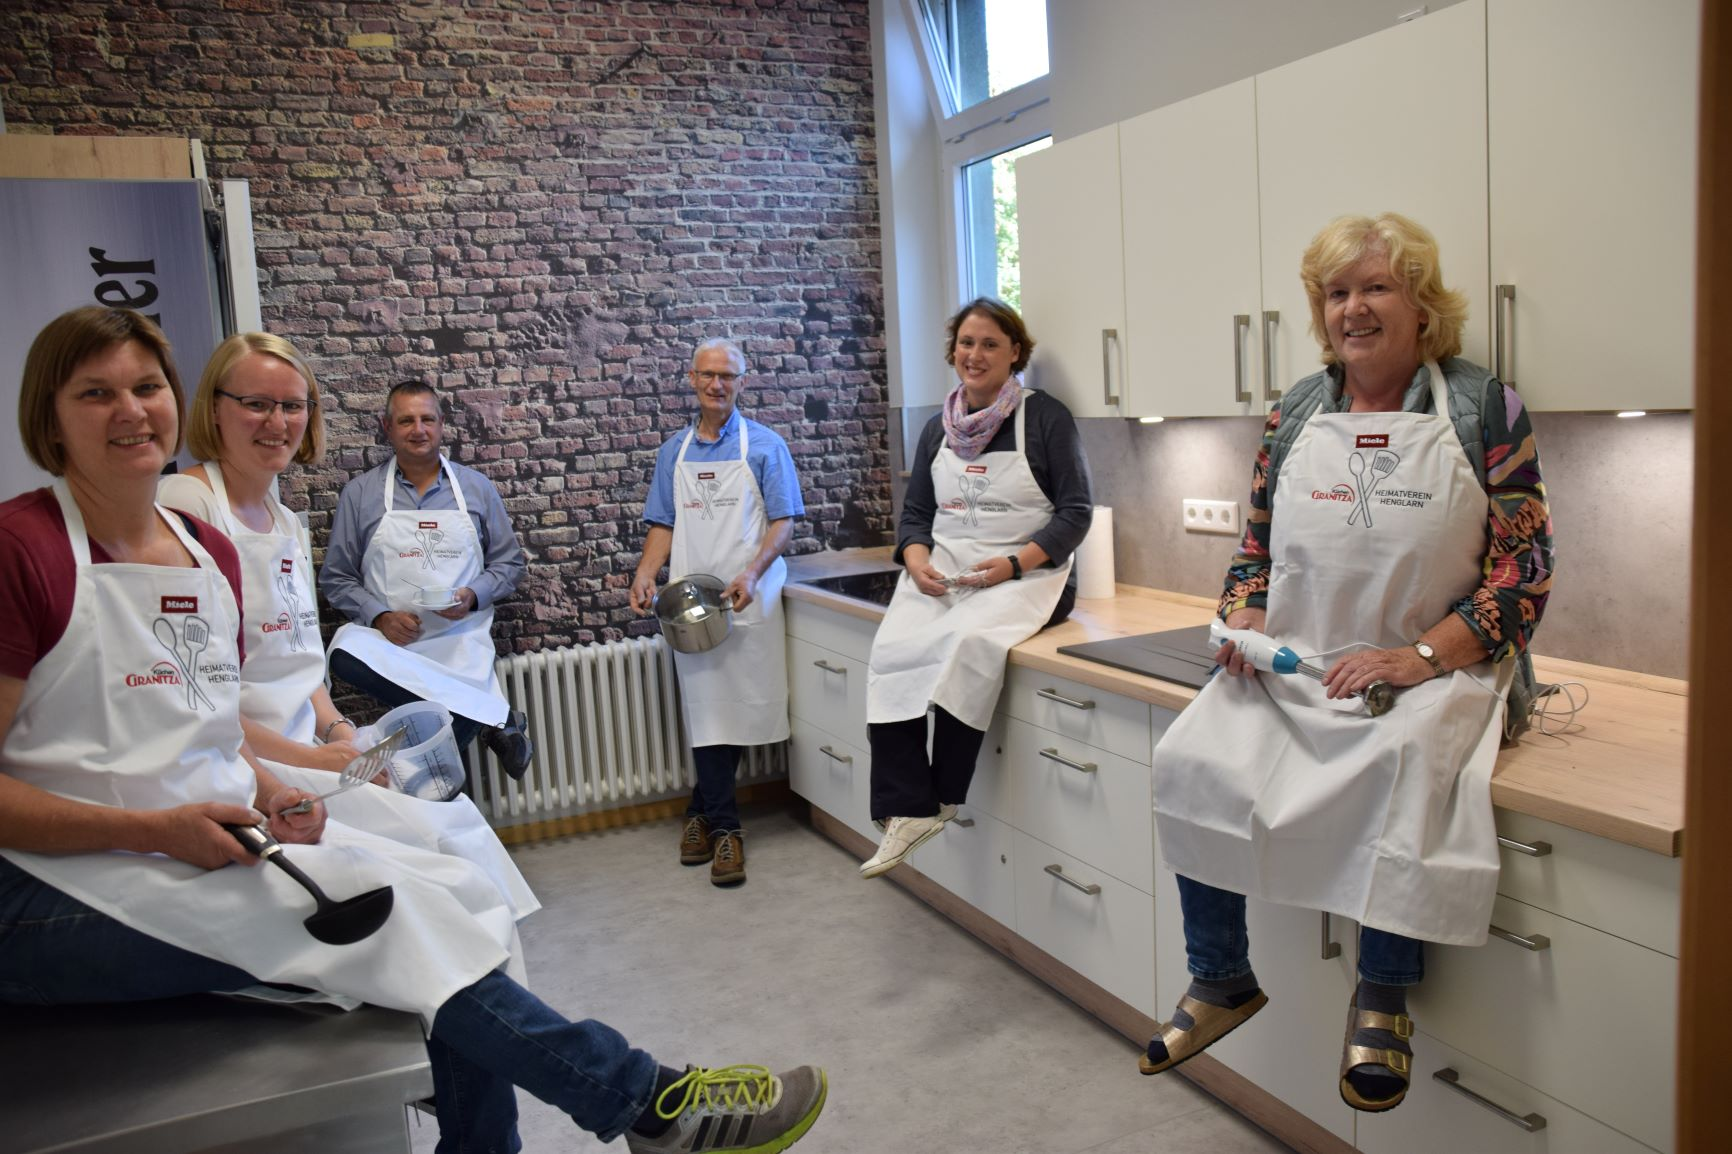 Katharina Agethen (Landfrauen), Tochter Charlotte Meier (KLJB /1. Vorsitzende), Wilhelm Agethten (Heimatverein / 1. Vorsitzender), Johannes Niggemeyer (Projektleiter), Cornelia Heinen (kfd) und Annelie Becker (kfd) freuen sich.